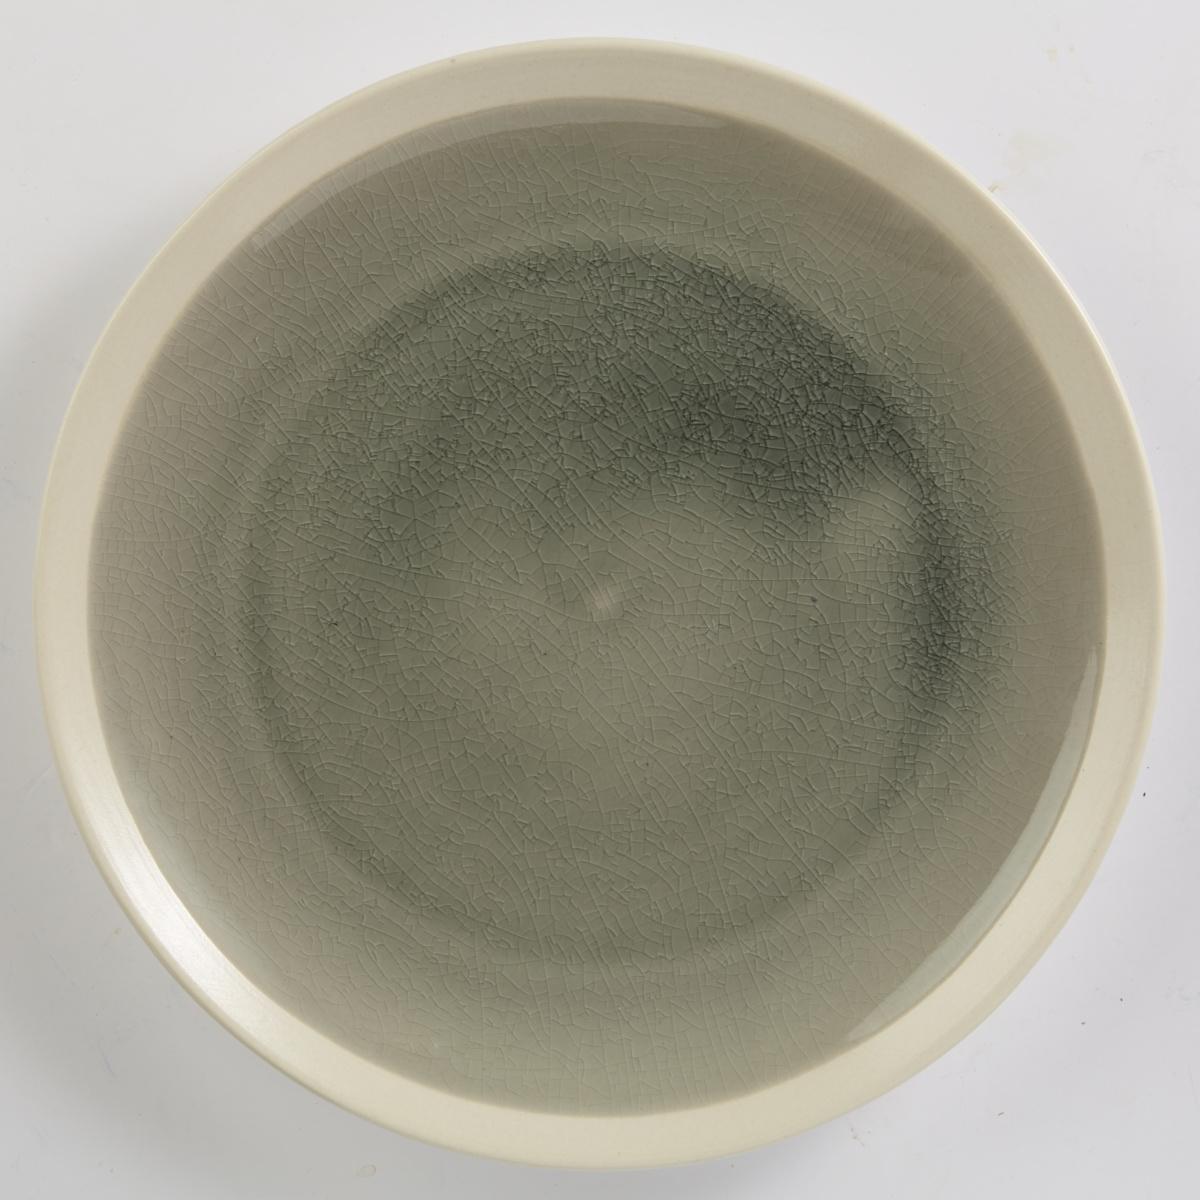 Assiette plate ronde gris grès Ø 22 cm Winter Pro.mundi